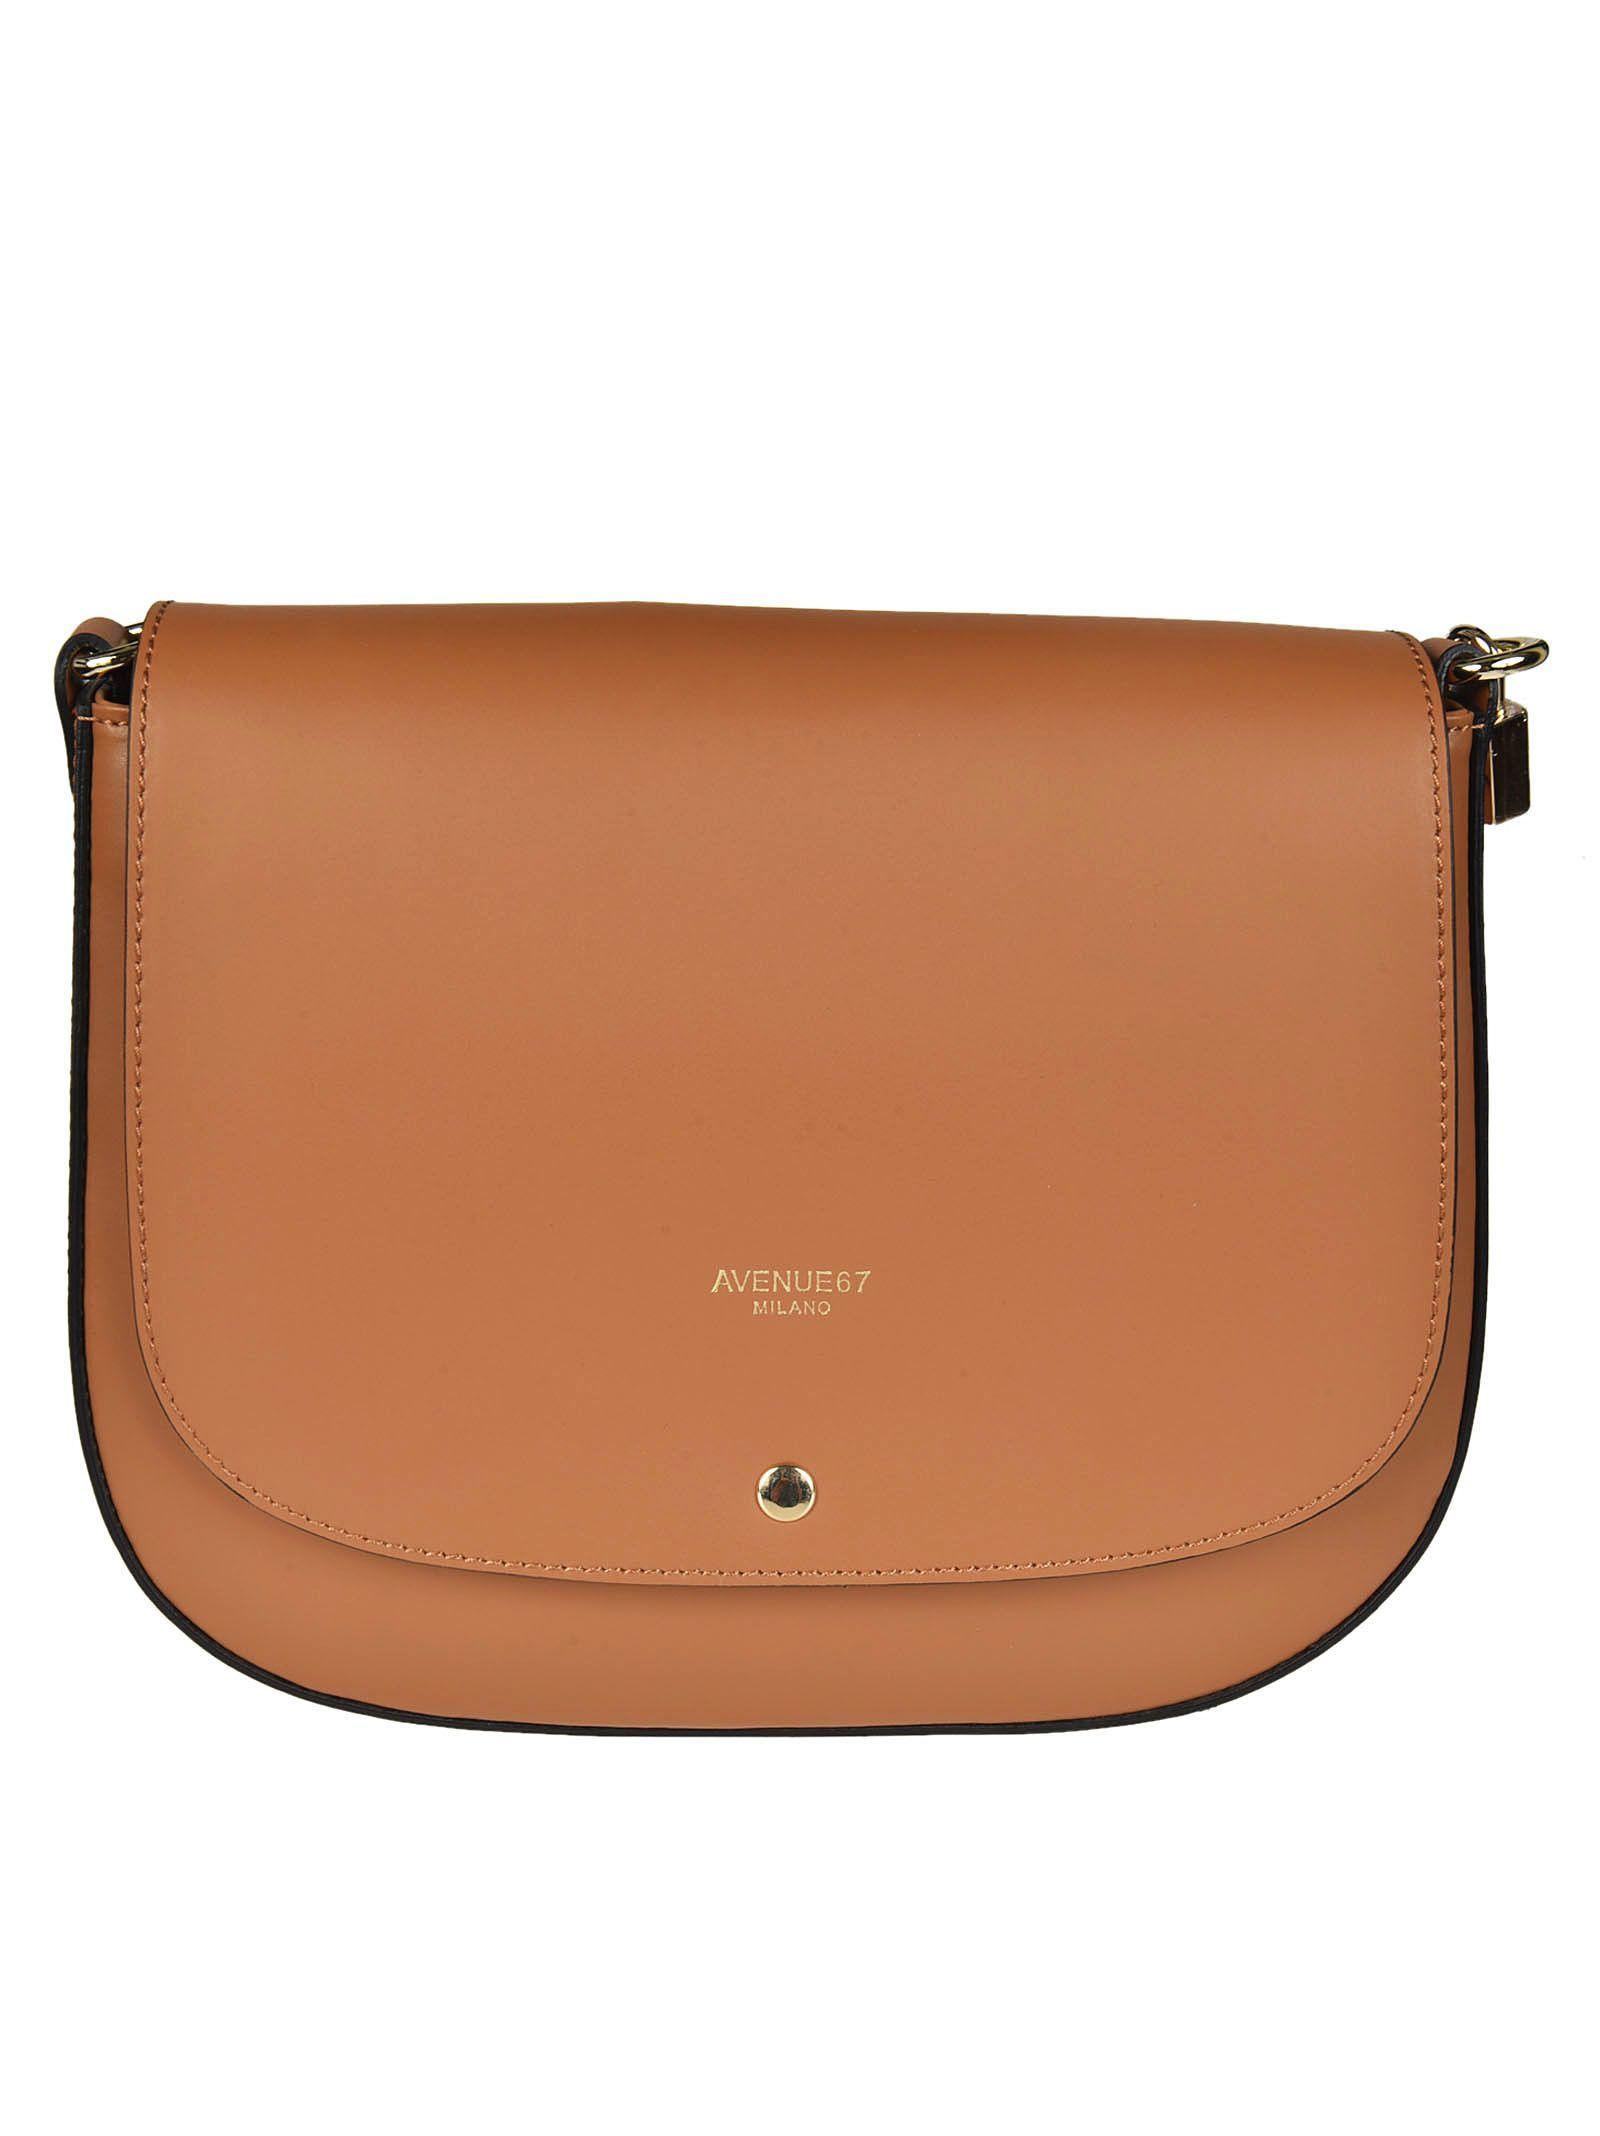 AVENUE 67 MOON SHOULDER BAG.  avenue67  bags  shoulder bags ... 6cc0ef037fa